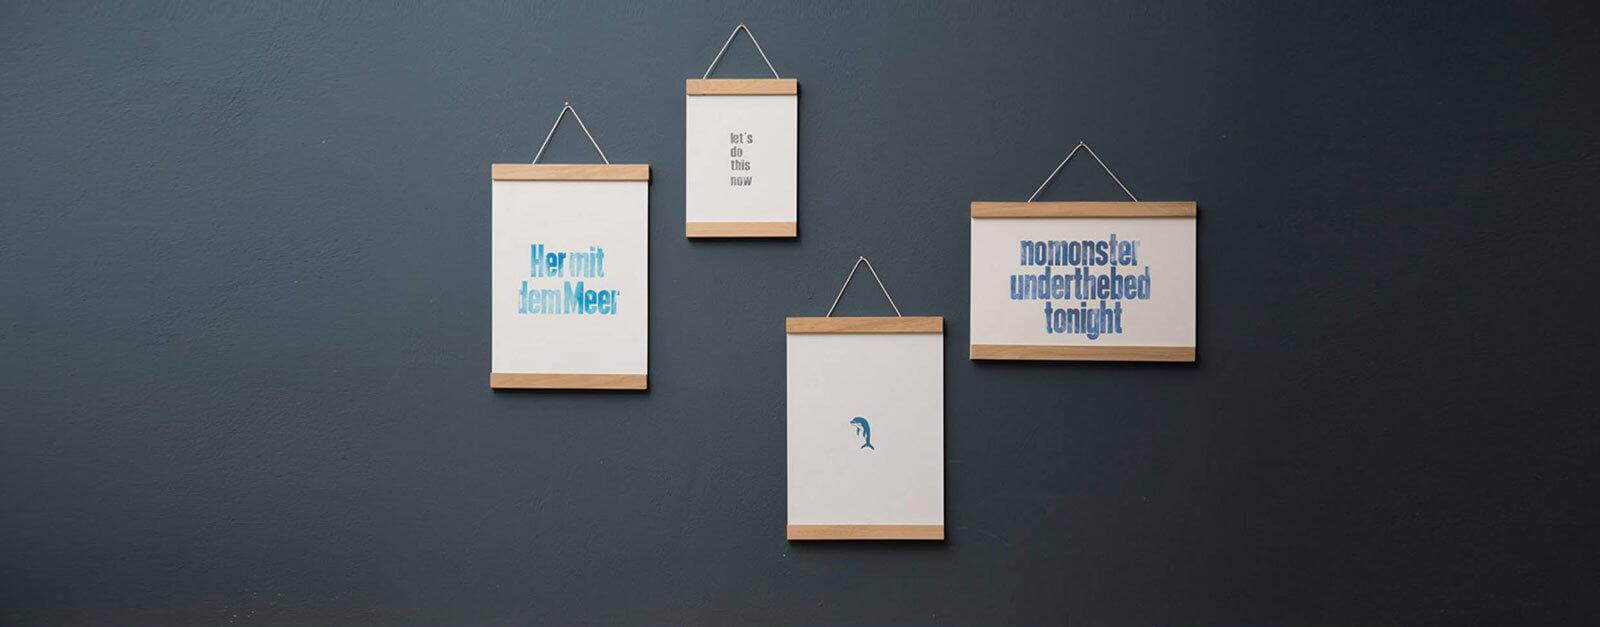 side-by-side-posterleisten-banner-kommabei-min